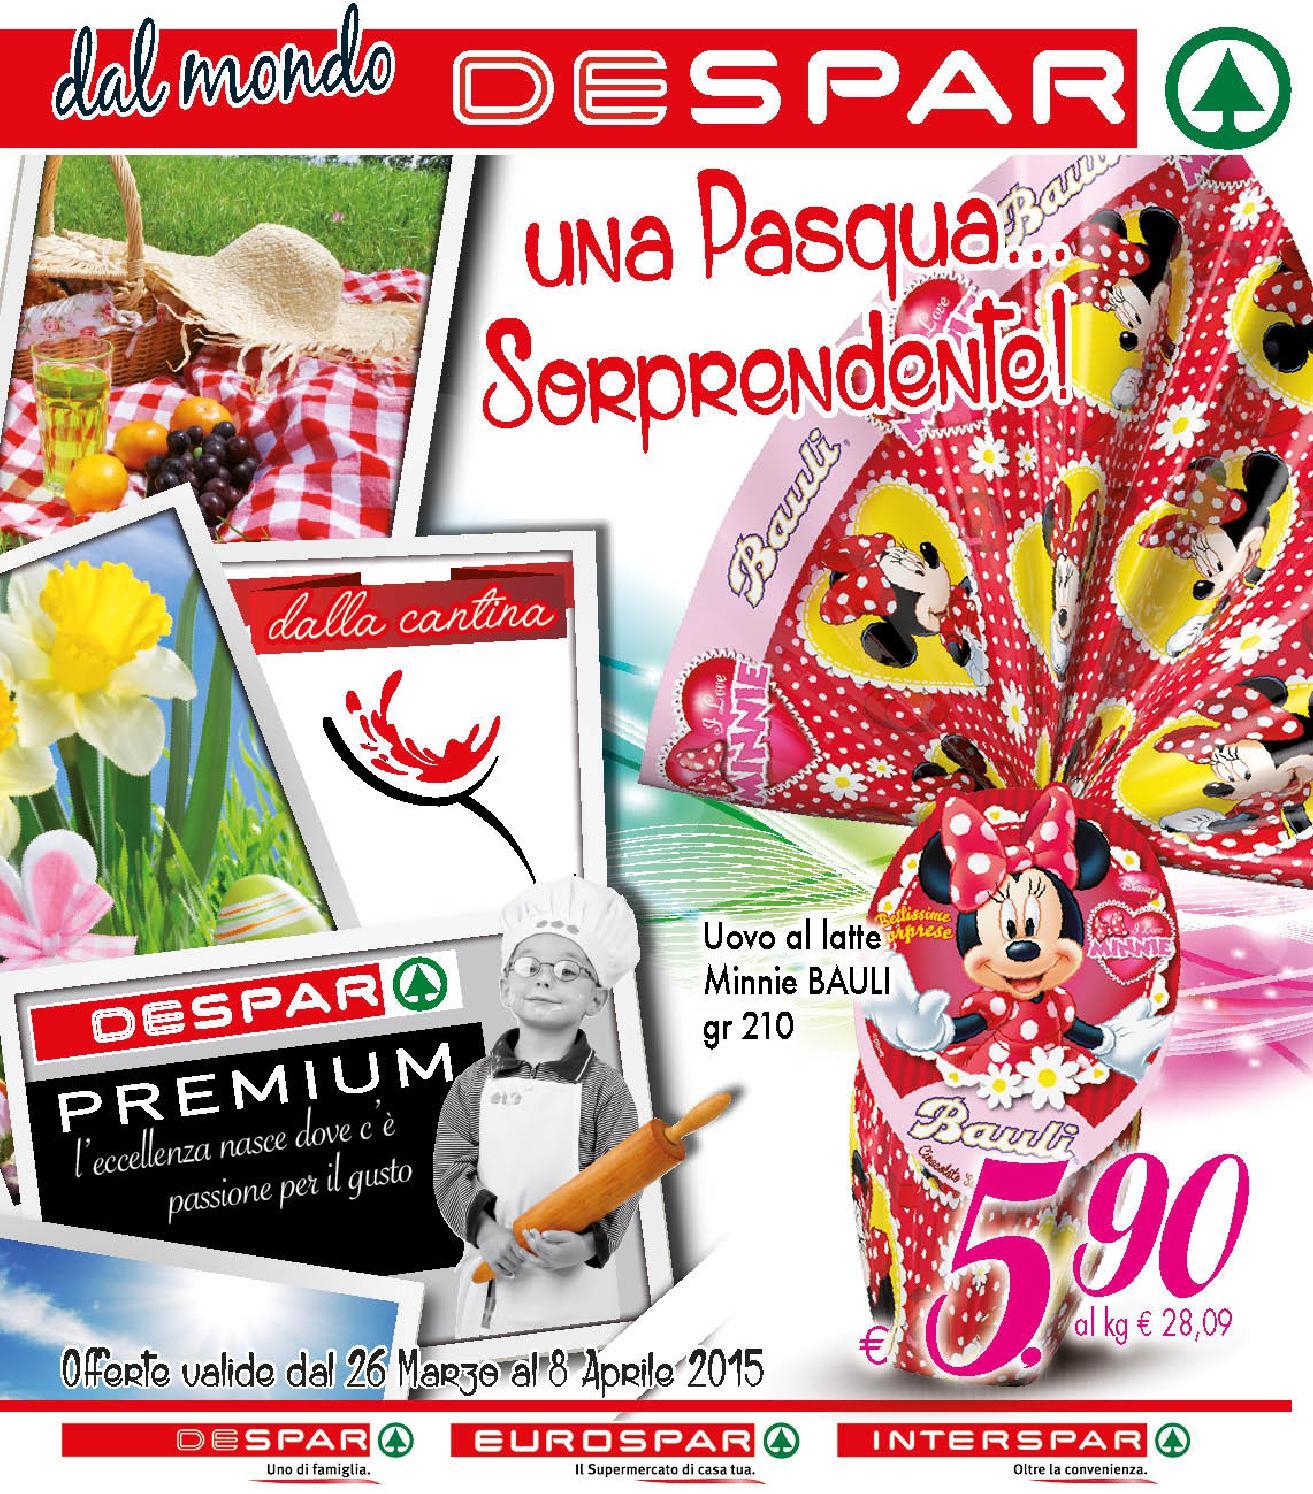 Volantino despar 26 marzo 8 aprile 2015 by despar for Volantino despar messina e provincia